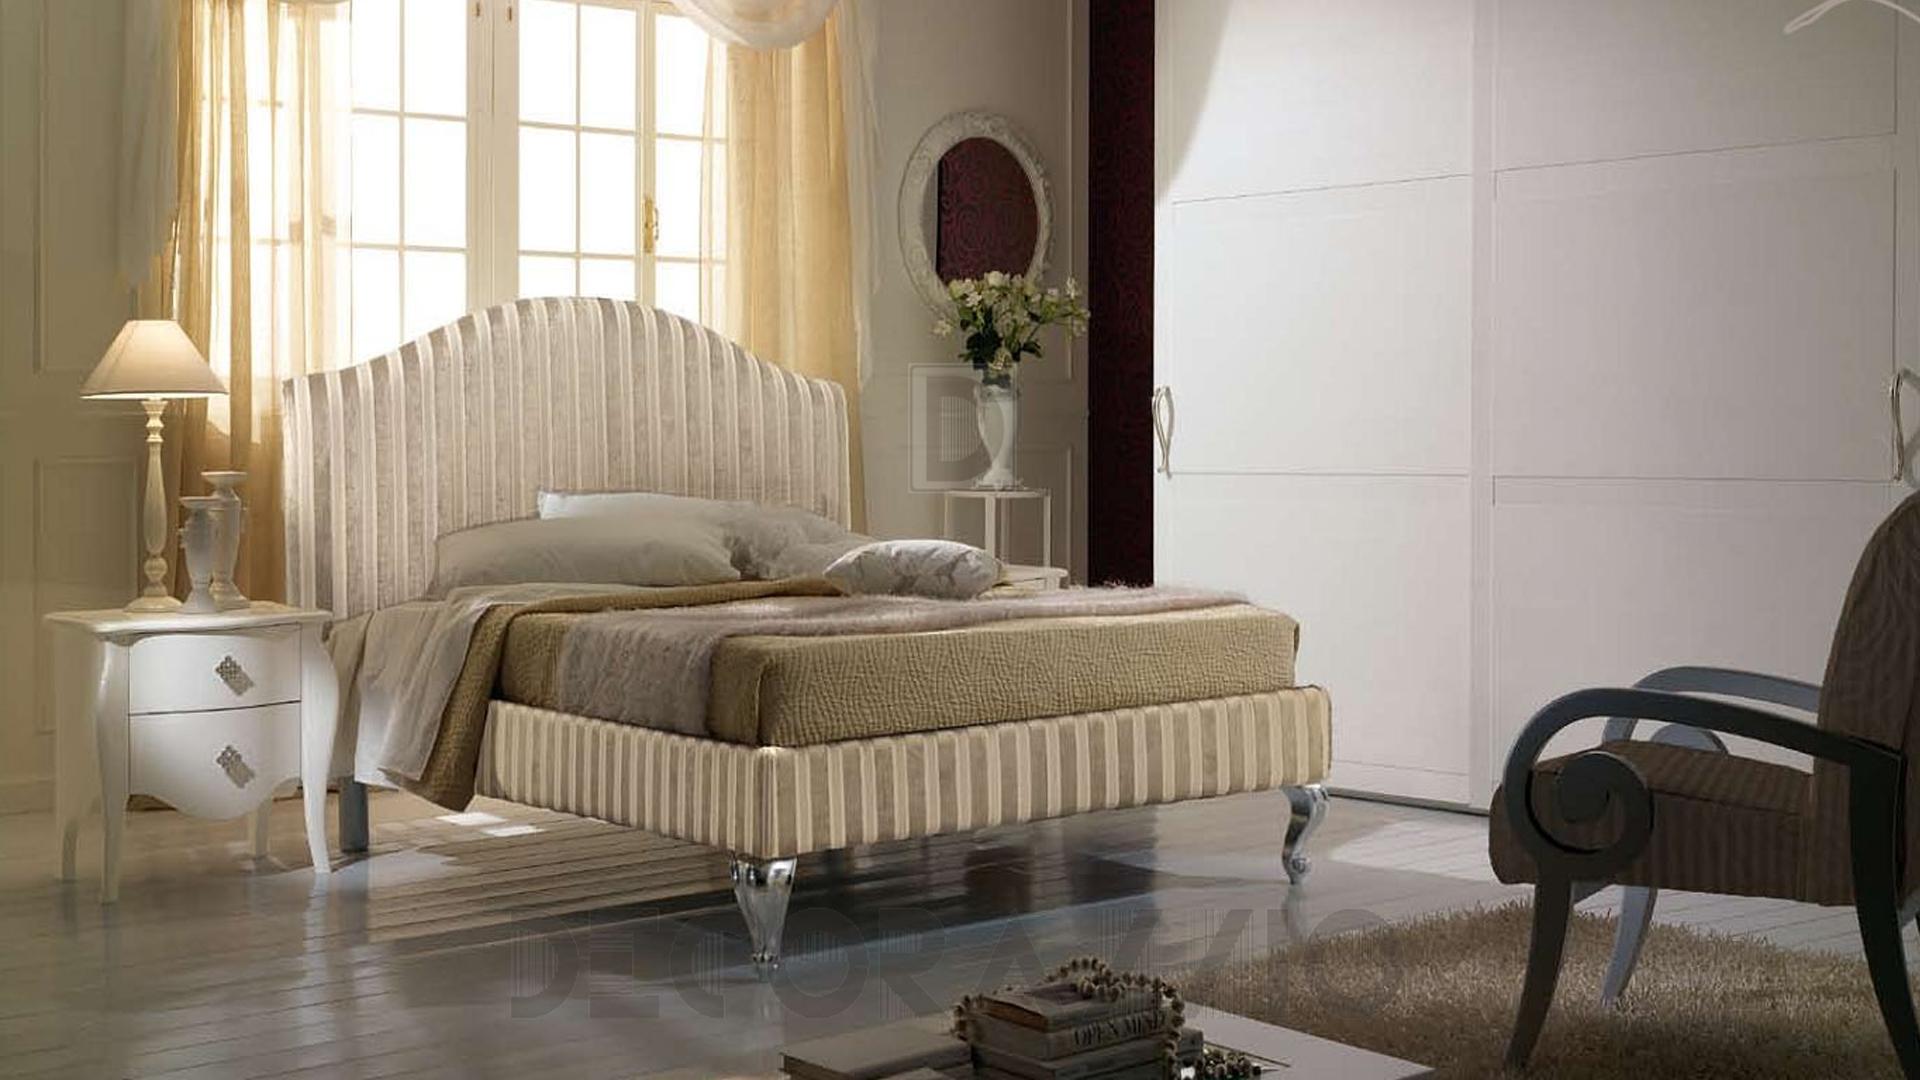 Camera Da Letto Modello Glamour : Rtl glamour camere da letto